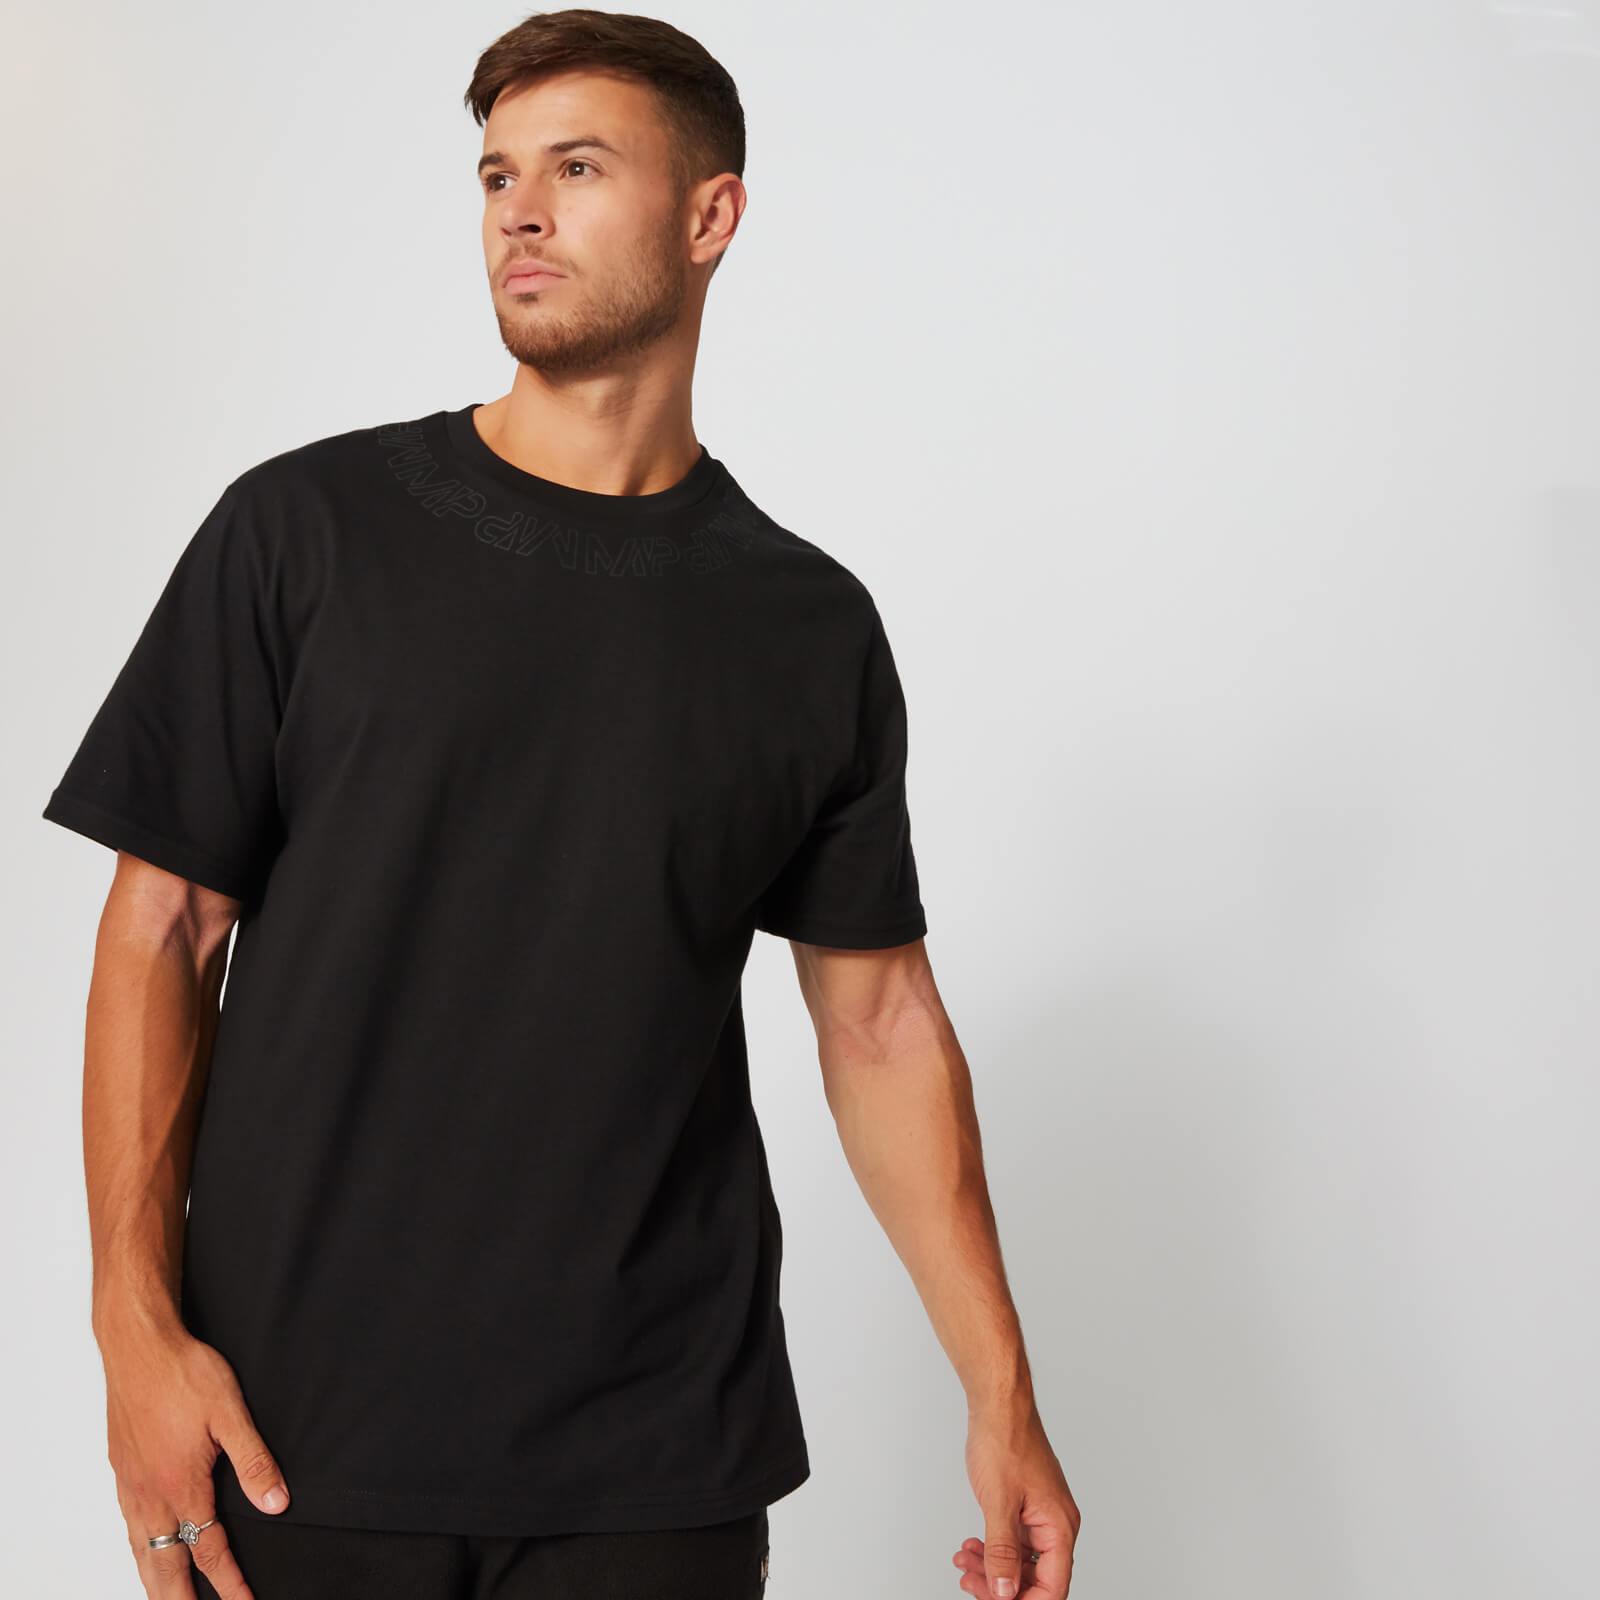 Myprotein MP Neckline Graphic T-Shirt - Black - S